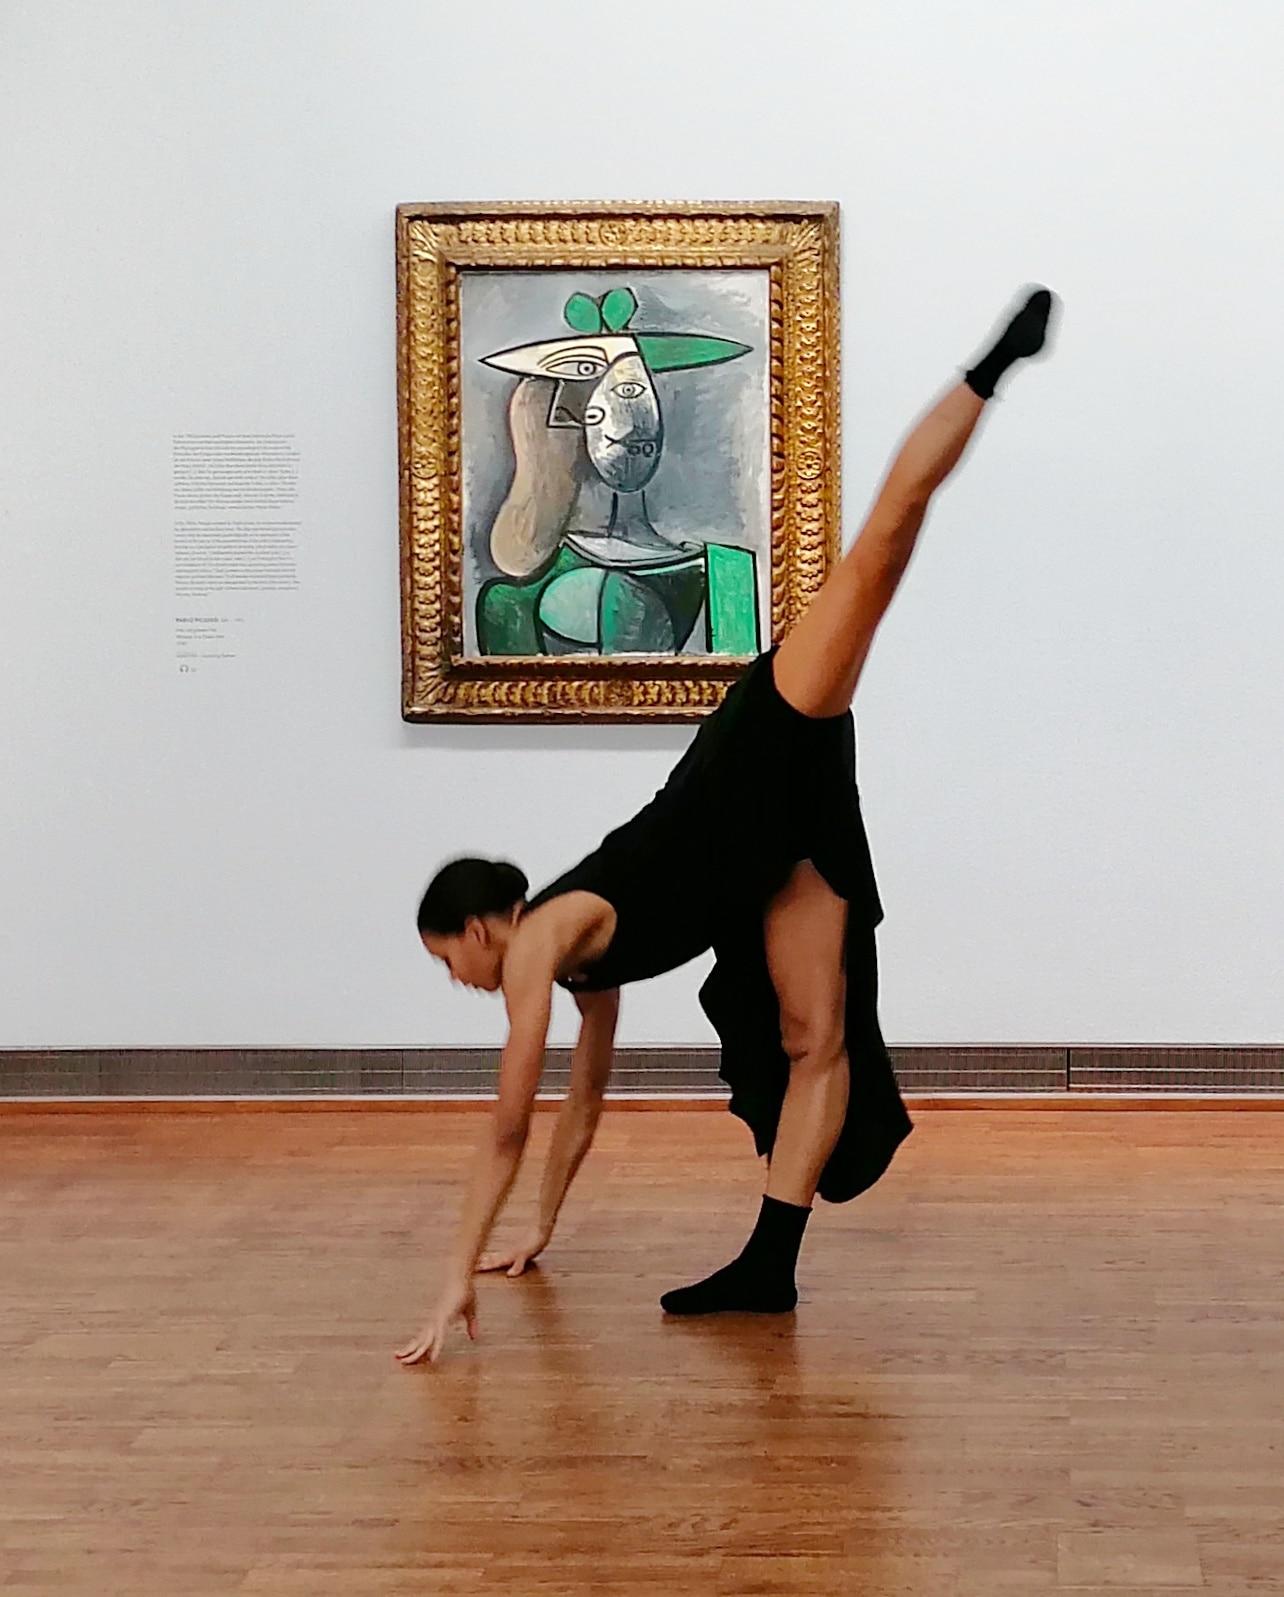 Rebecca Horner interpretiert Picasso in der leeren Albertina